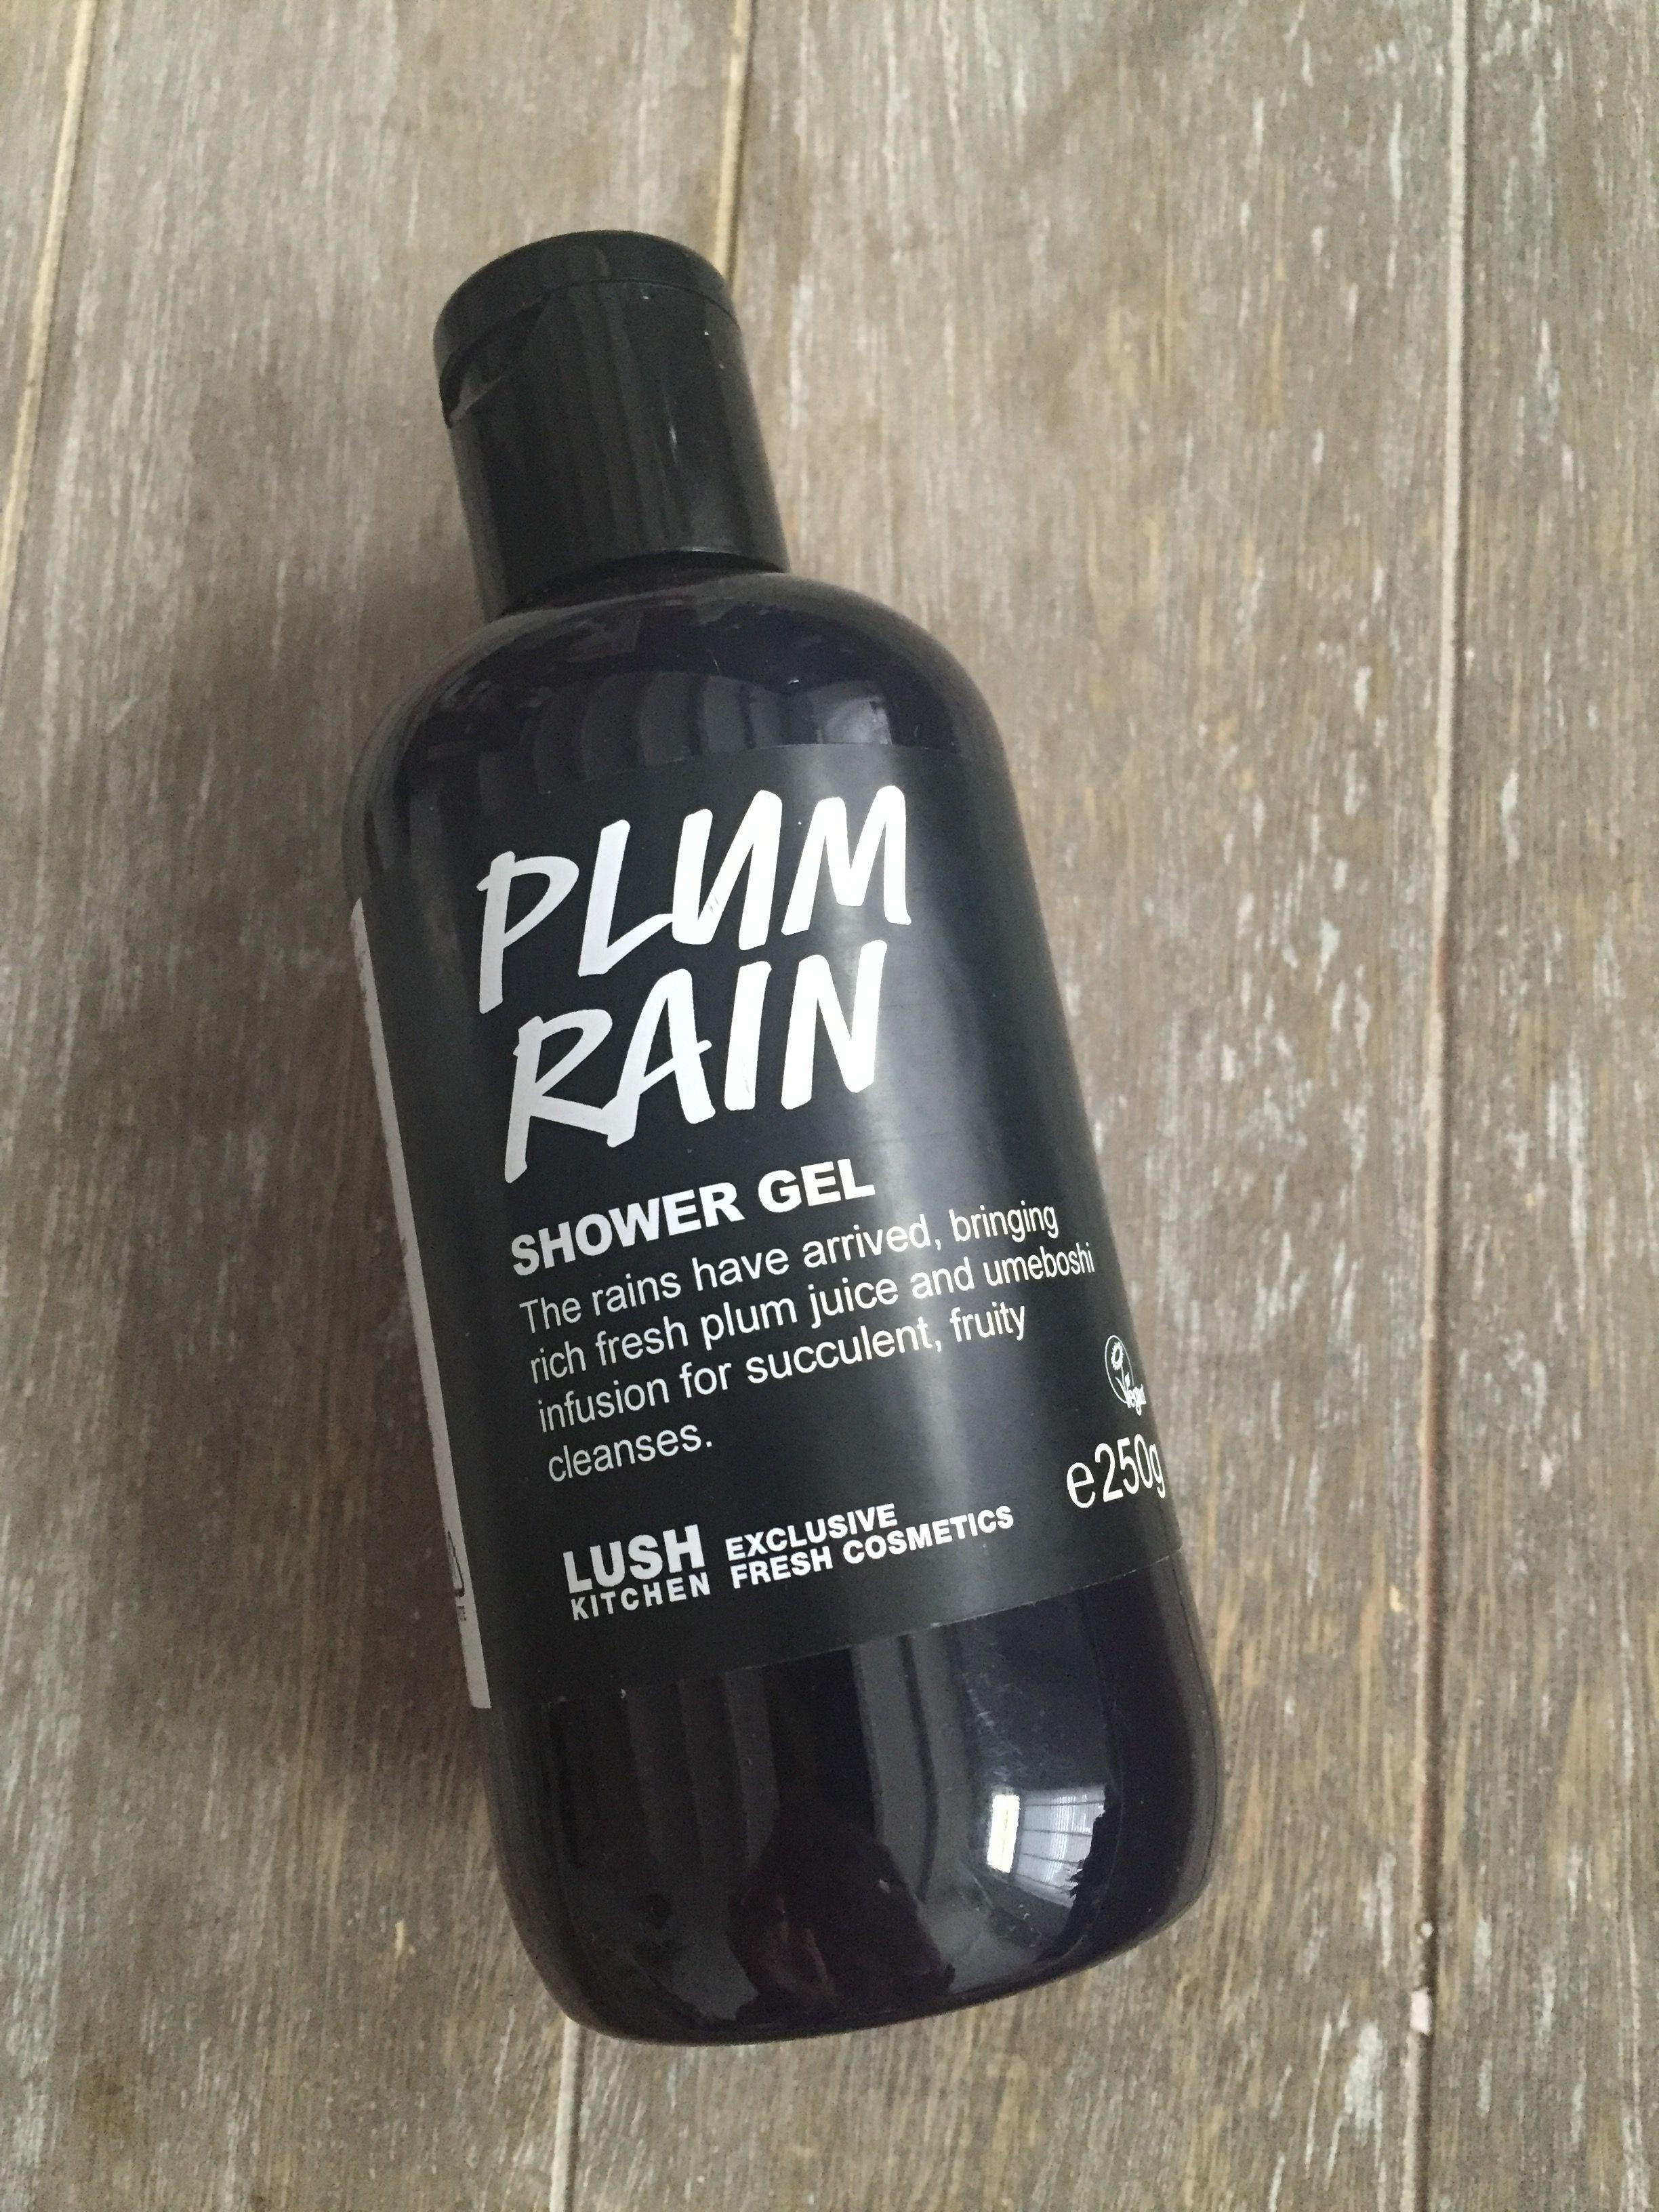 Plum rain shower gel lush kitchen exclusive Oxford street ...